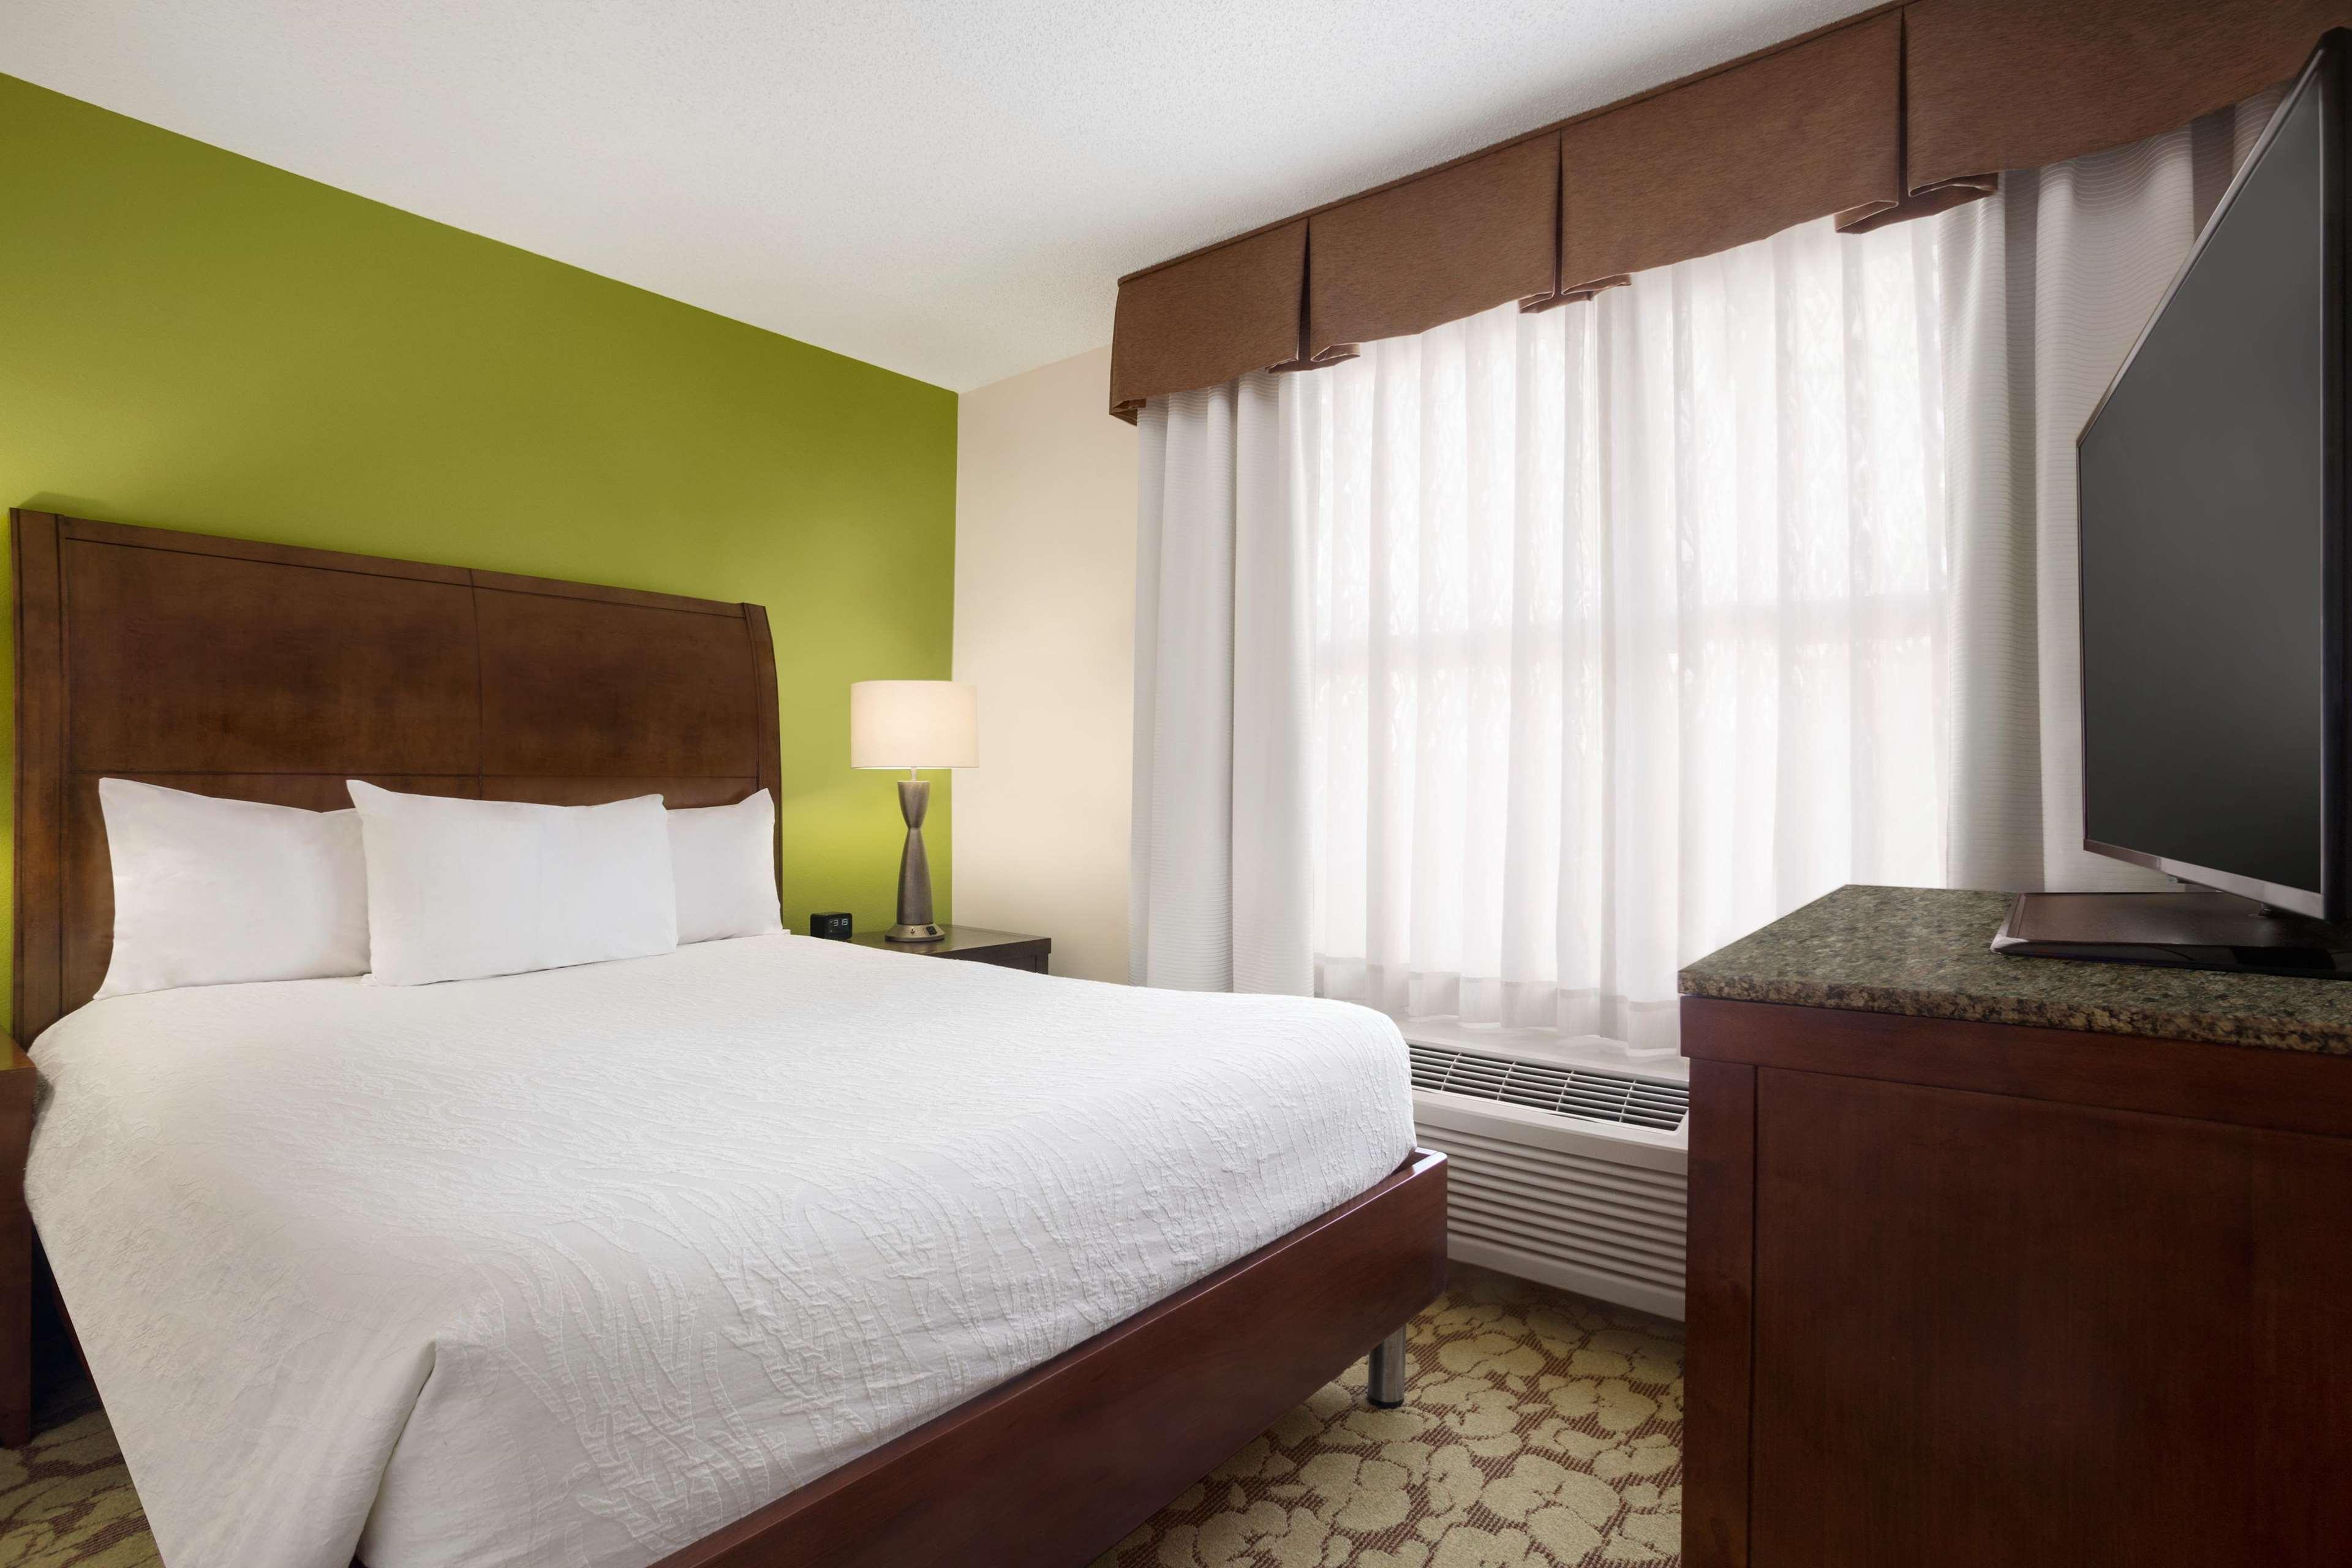 Hilton Garden Inn Atlanta Perimeter Center image 1